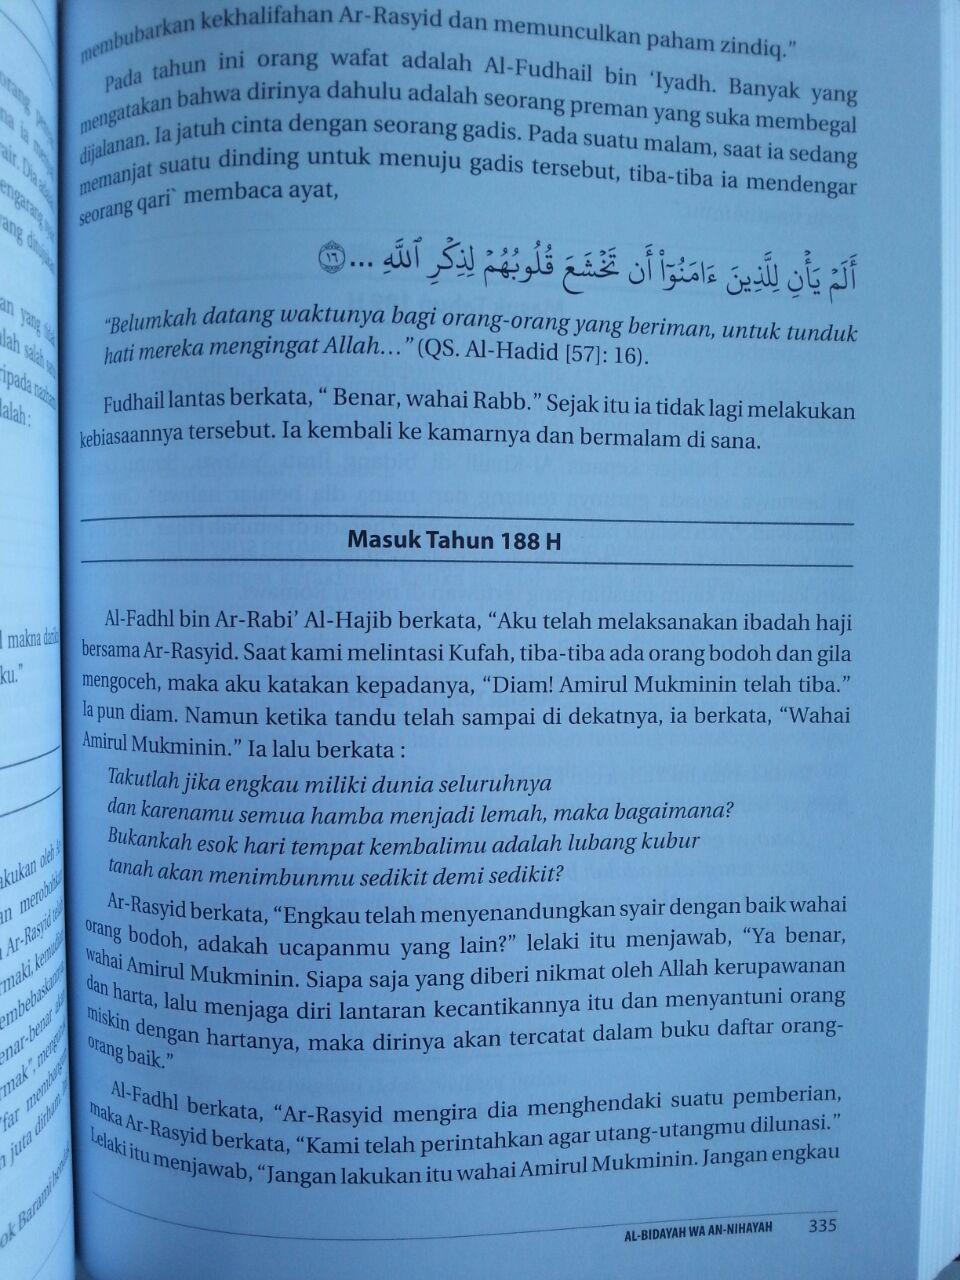 Buku Mukhtashar Al-Bidayah Wa An-Nihayah Ibnu Katsir isi 3